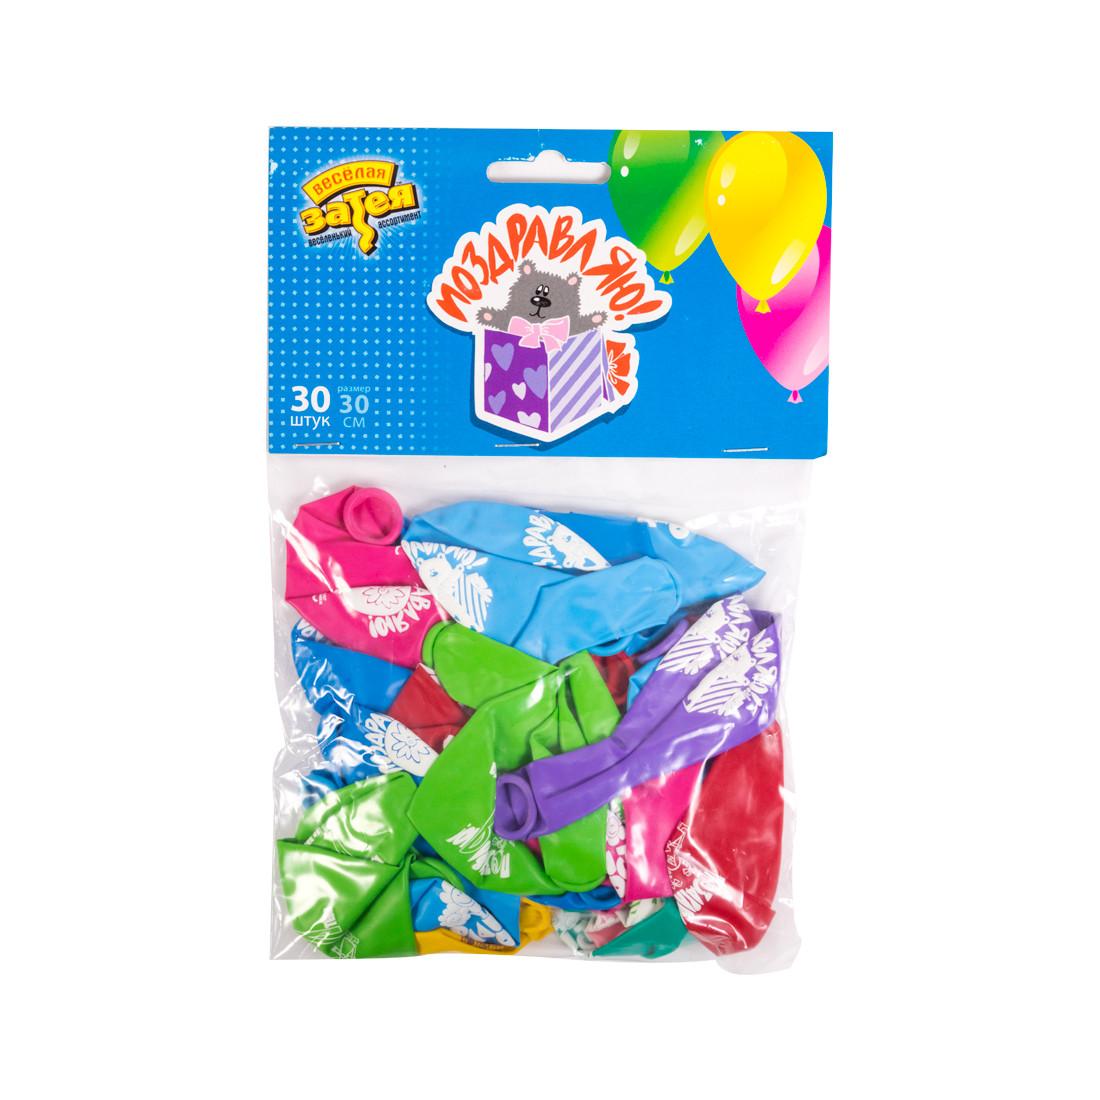 Воздушные шарики 1111-0033 (1111-0835) (30 шт. в пакете) - фото 2